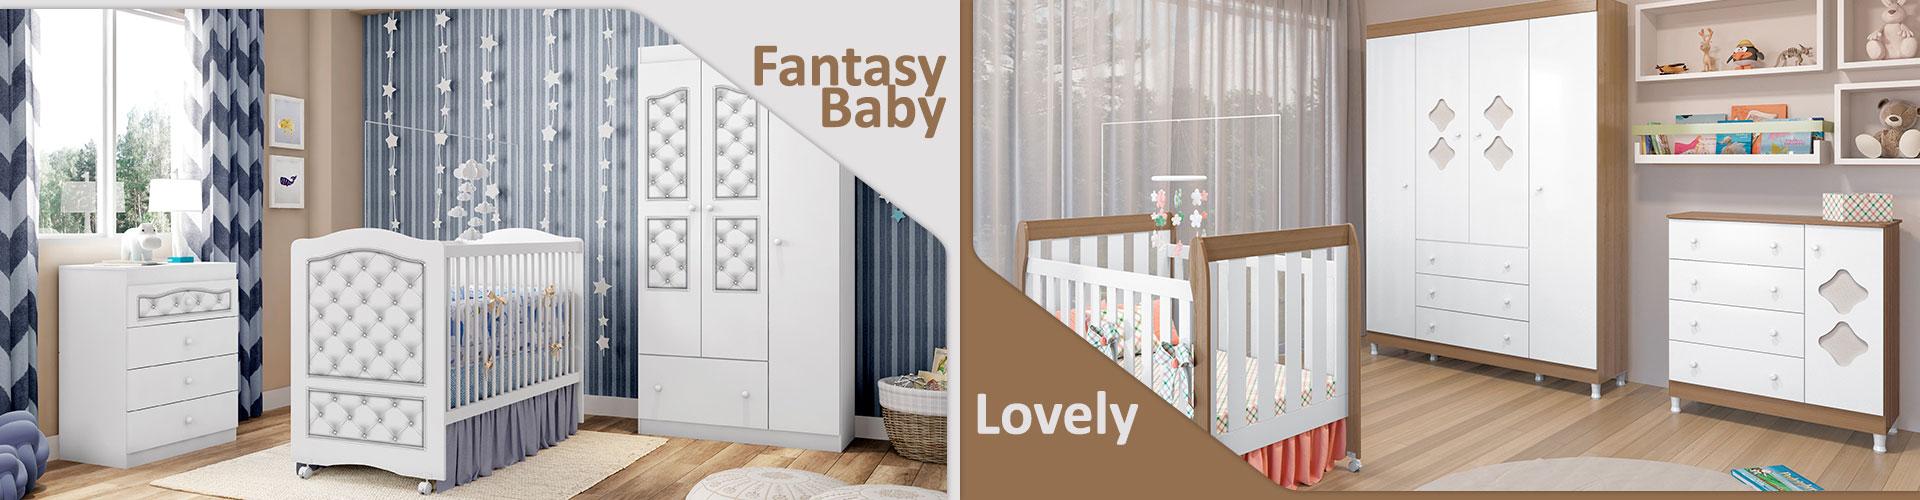 banner_bebes_linhas_fantasy_lovely